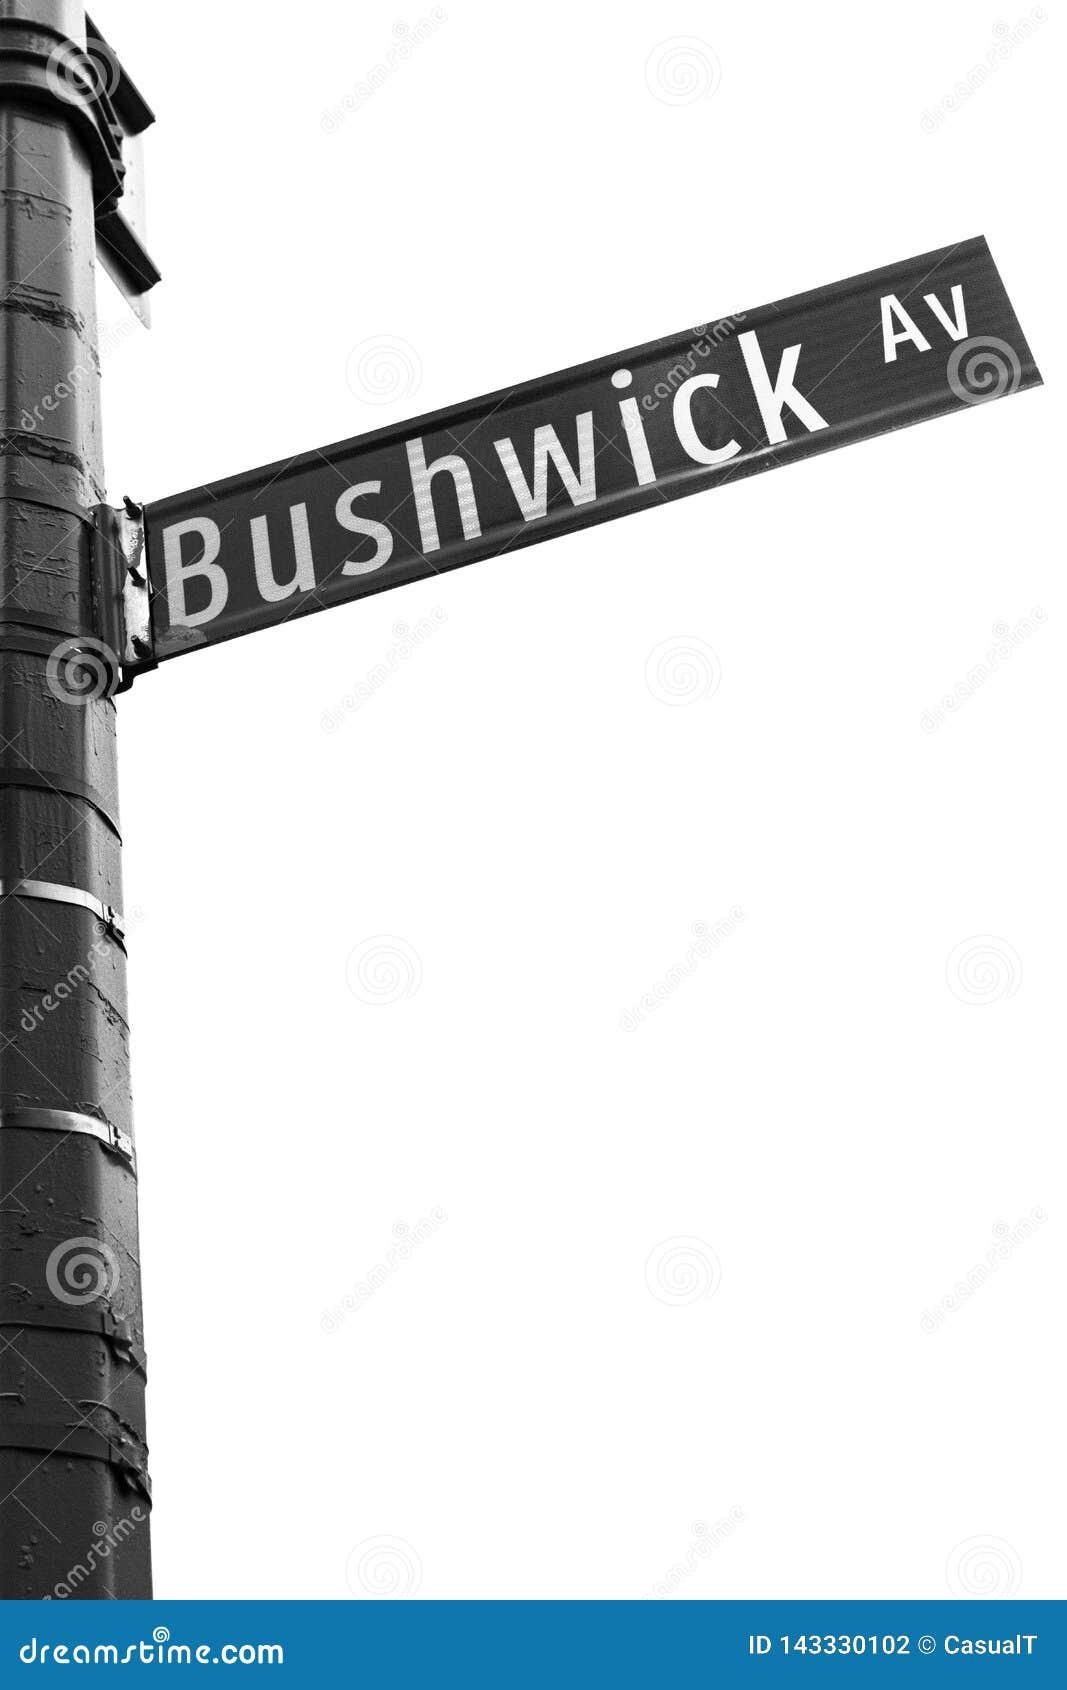 Segnale stradale di New York al viale di Bushwick, Brooklyn, NYC, U.S.A.